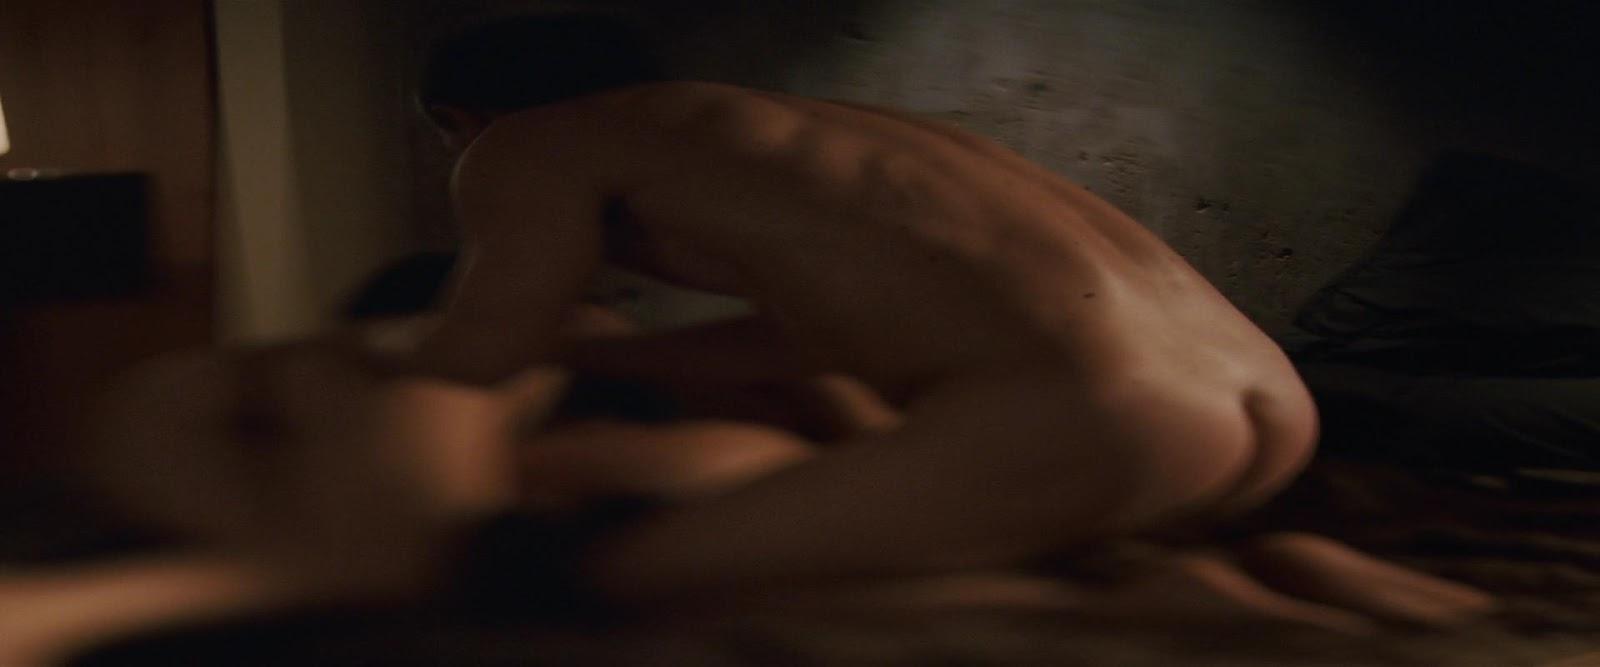 Daniel craig sex scene sexy images